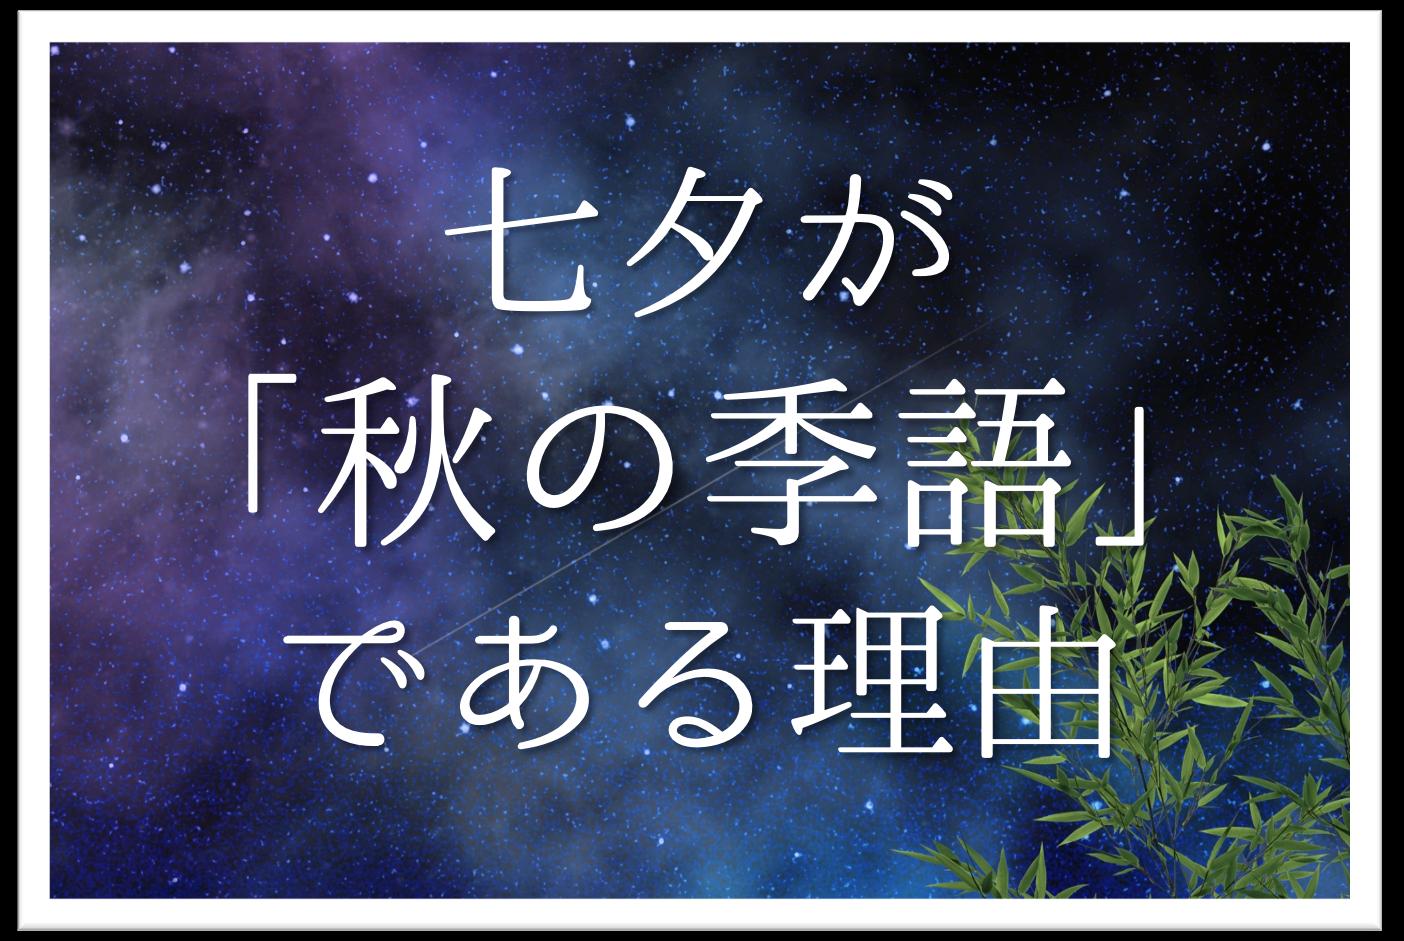 【七夕が秋の季語である理由】なぜ夏の季語じゃないのか?簡単にわかりやすく解説!!